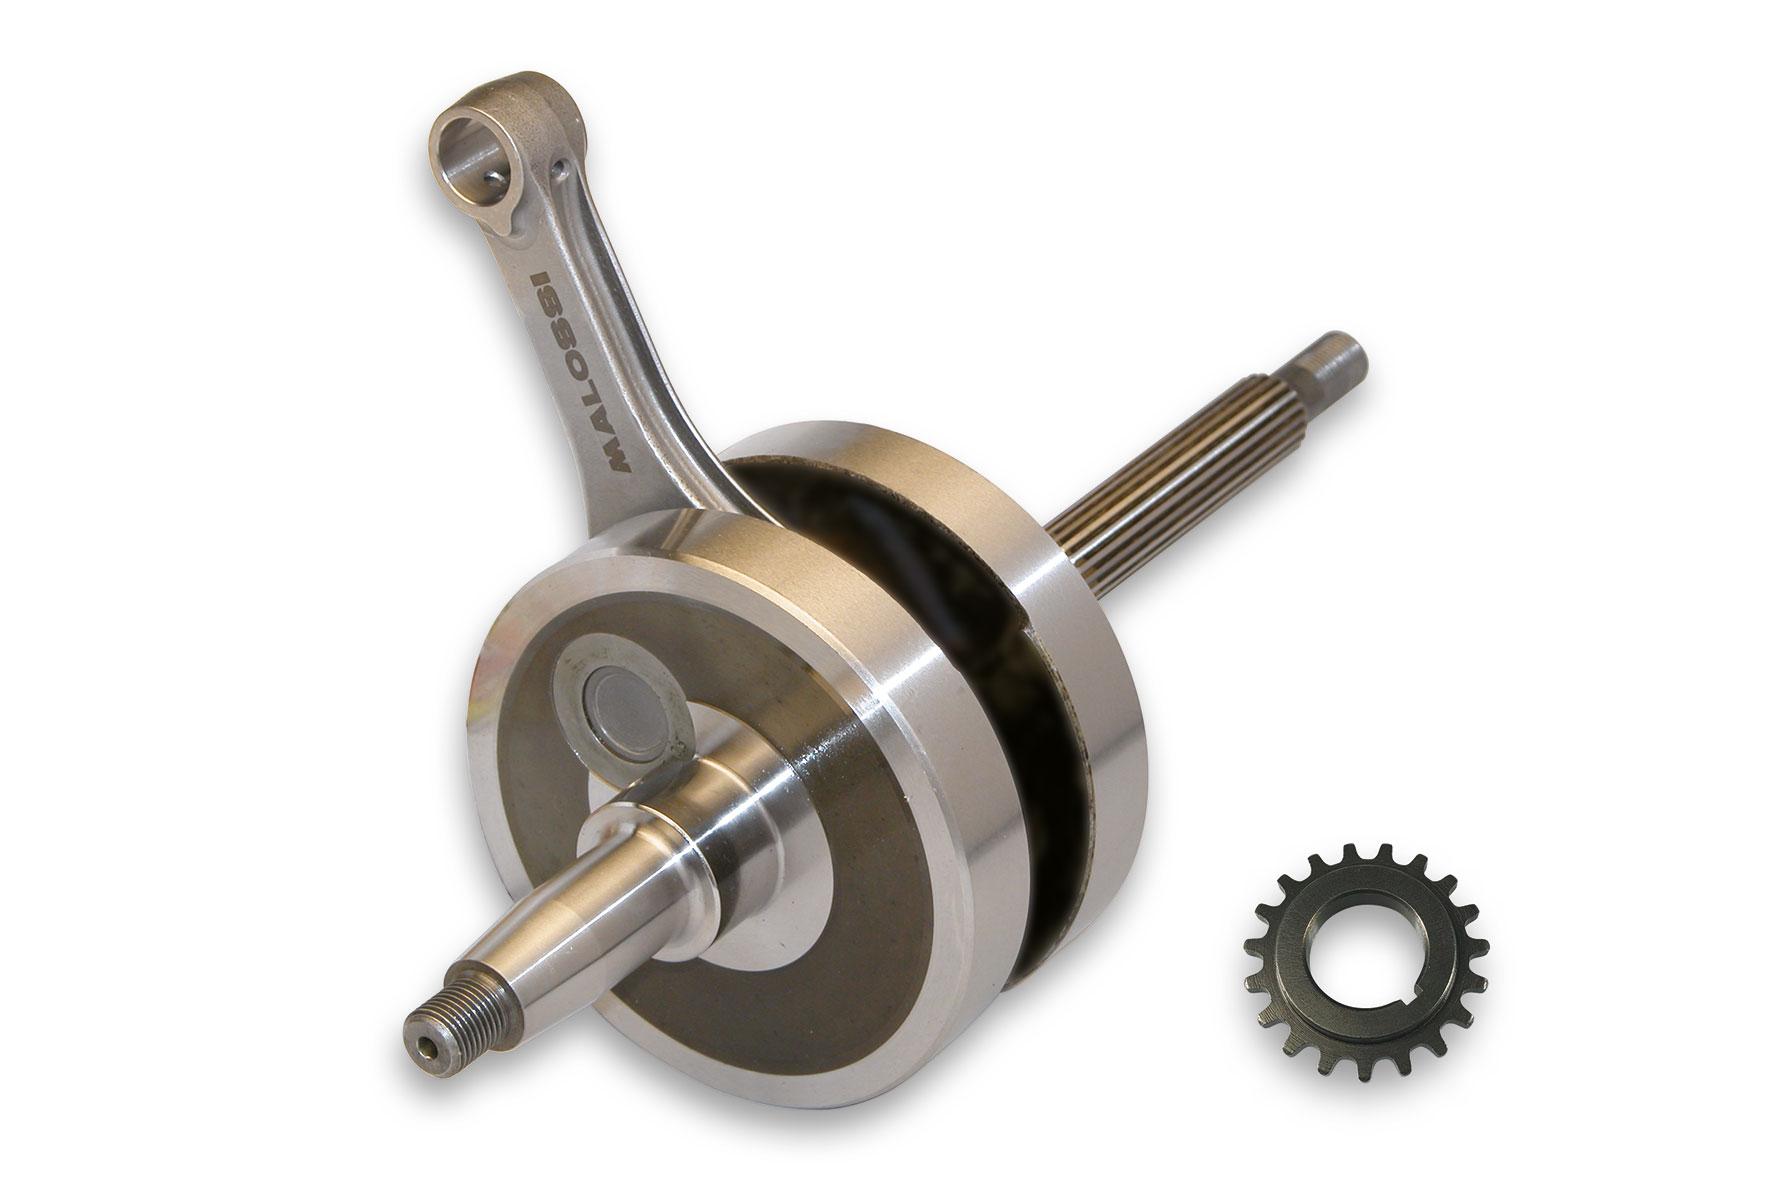 Albero motore 4 STROKE con spinotto Ø 15 e corsa 48,6 mm